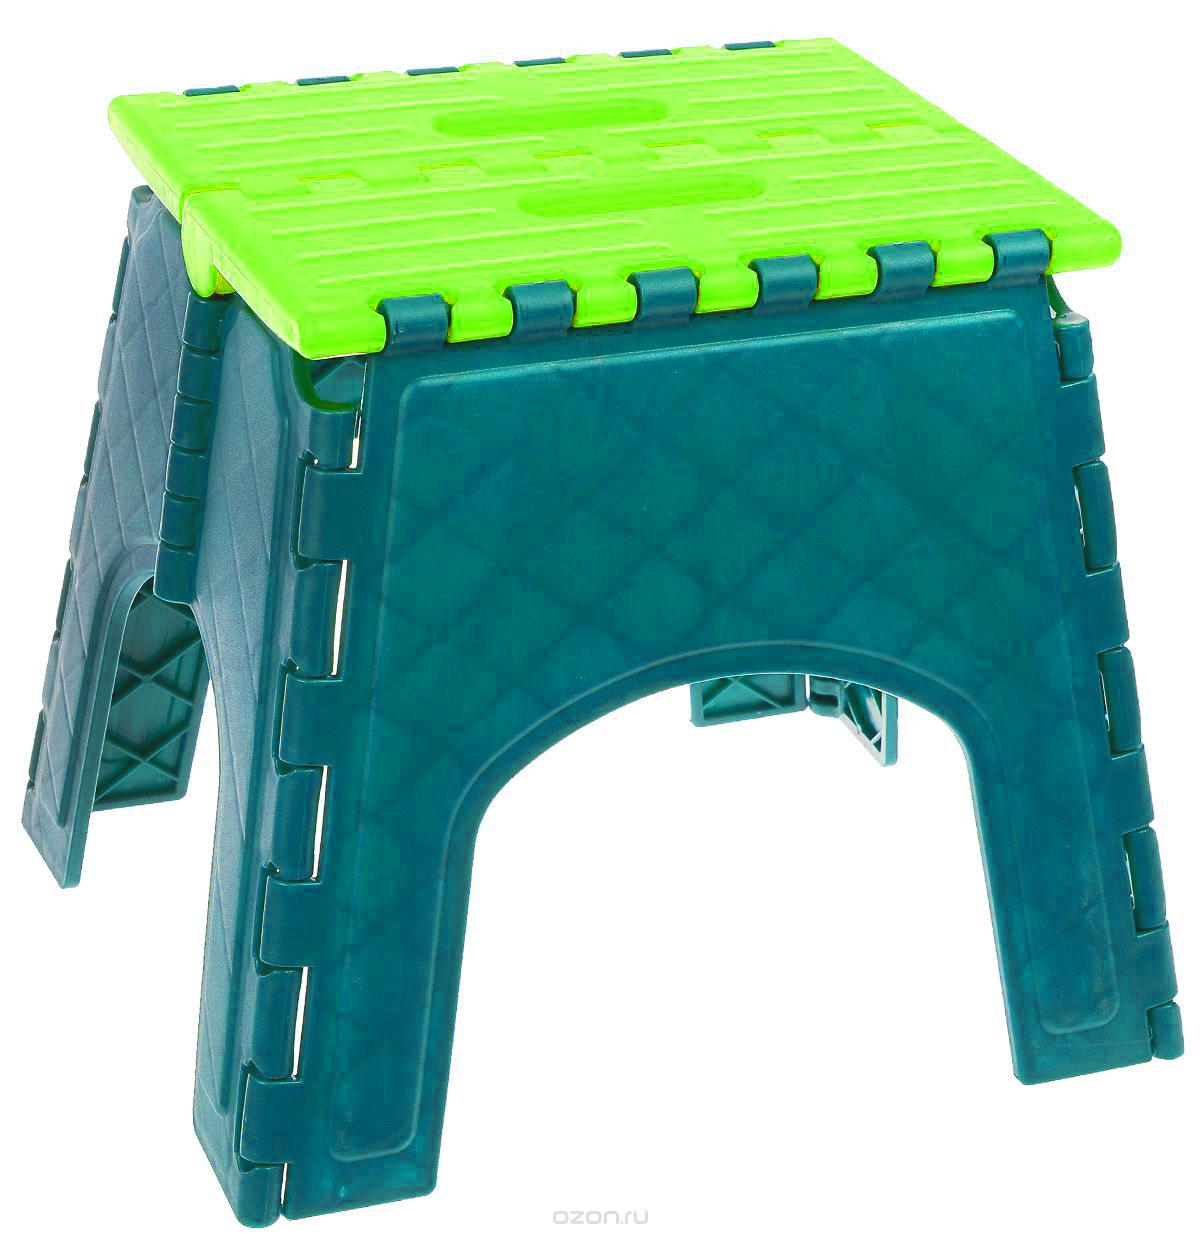 Табурет складной Idea Моби, цвет: бирюзовый, салатовый. М 2292М 2292_бирюзовый, салатовыйСкладной табурет Idea Моби выполнен из высококачественного пластика. Табурет достаточно прочен, легко собирается и разбирается и не занимает много места, поэтому подходит для транспортировки и хранения дома. Размер табурета в разложенном виде (ВхДхШ): 29 см х 29 см х 33 см. Размер табурета в сложенном виде: 41 см х 34 см х 5 см. Максимальная нагрузка: 150 кг.